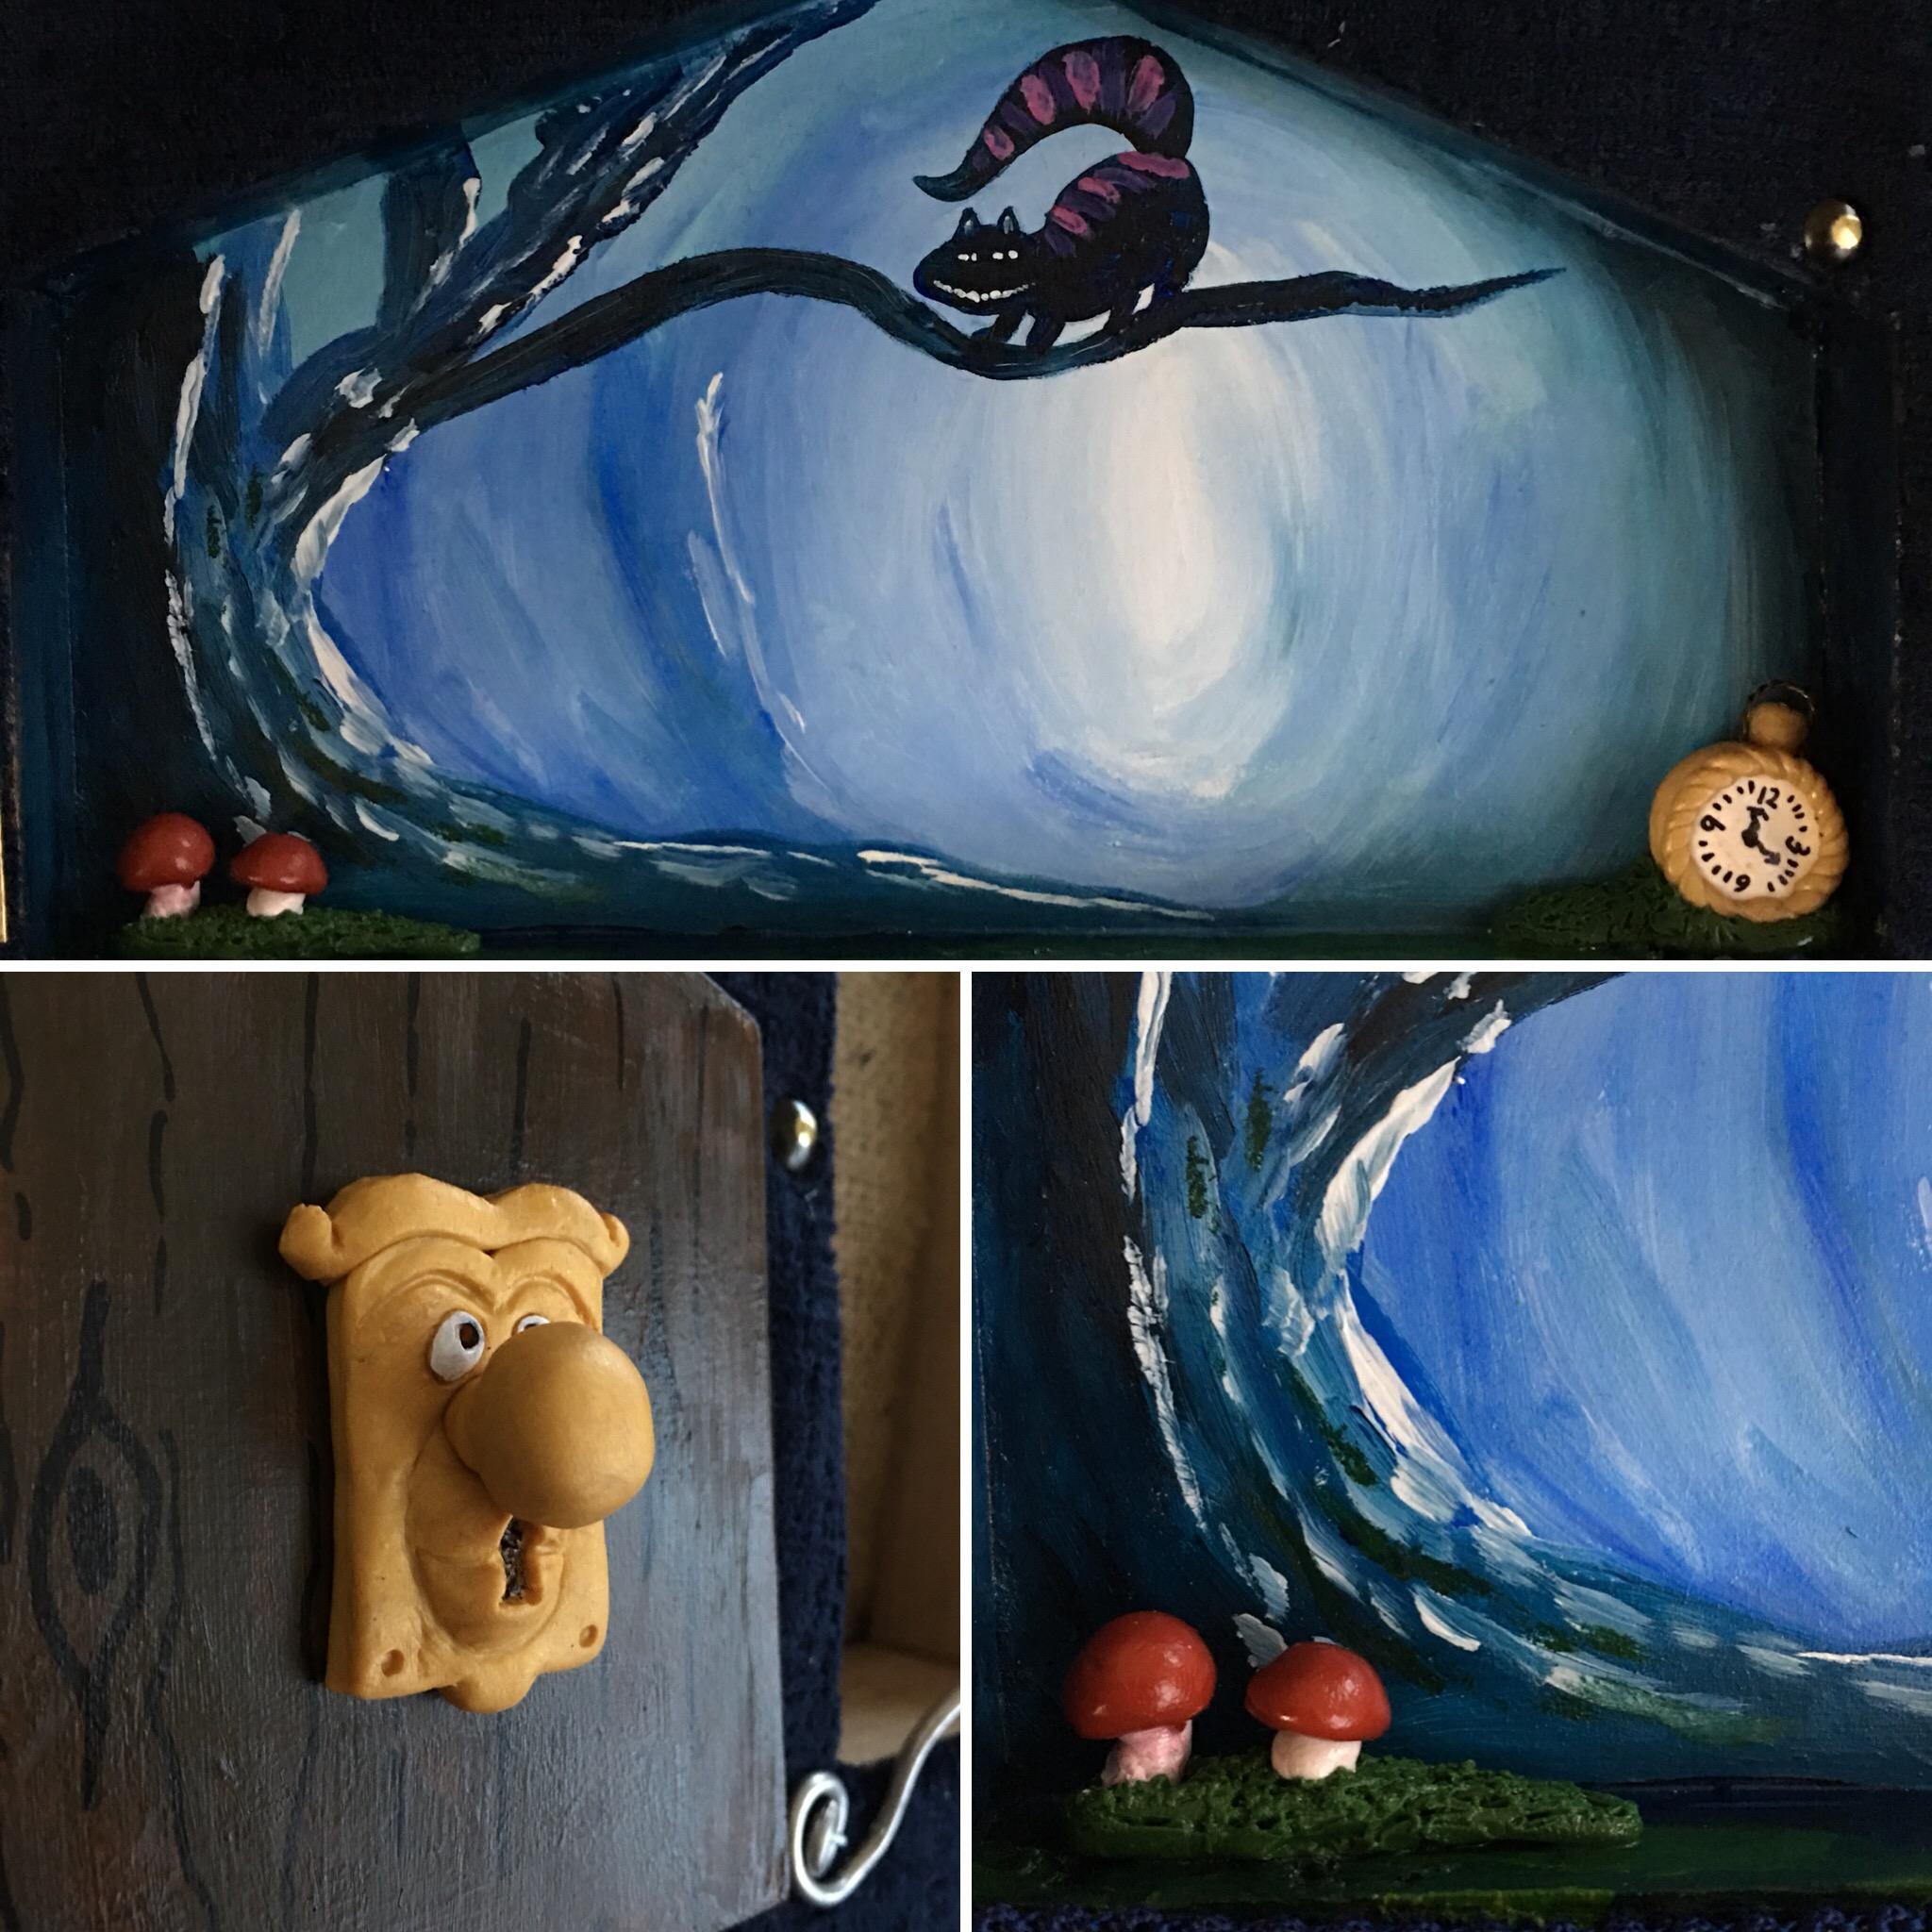 Wonderland inside the door